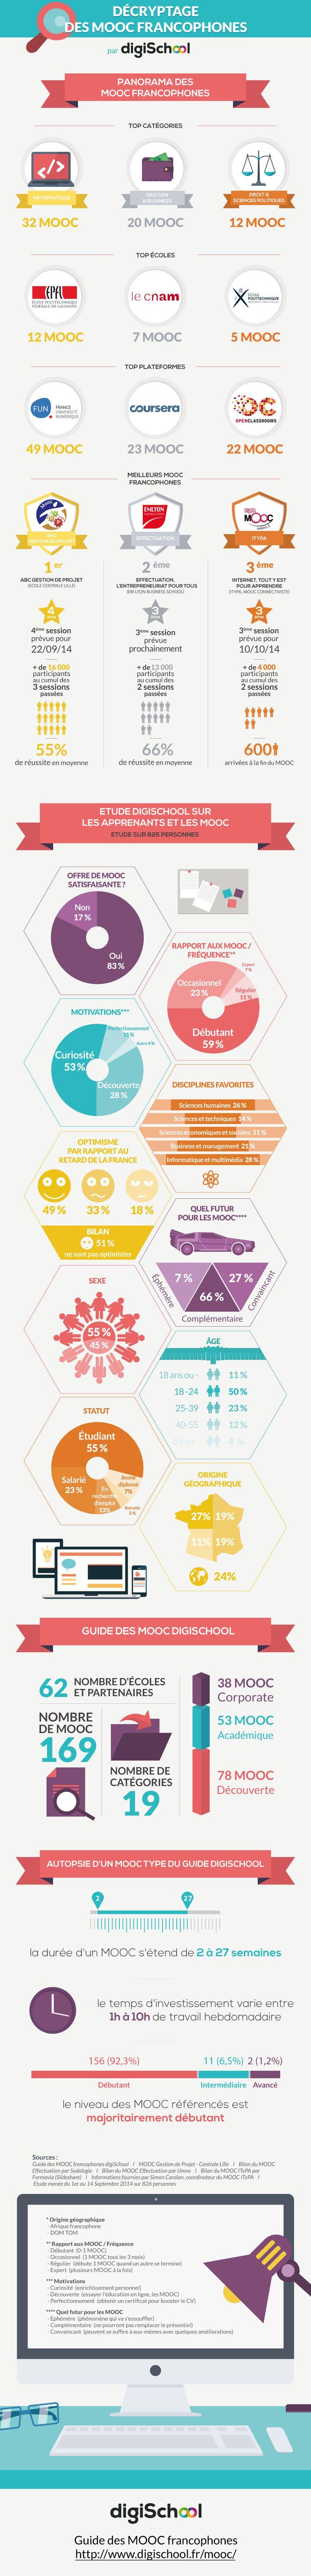 #Infographie : Décryptage des MOOC francophones